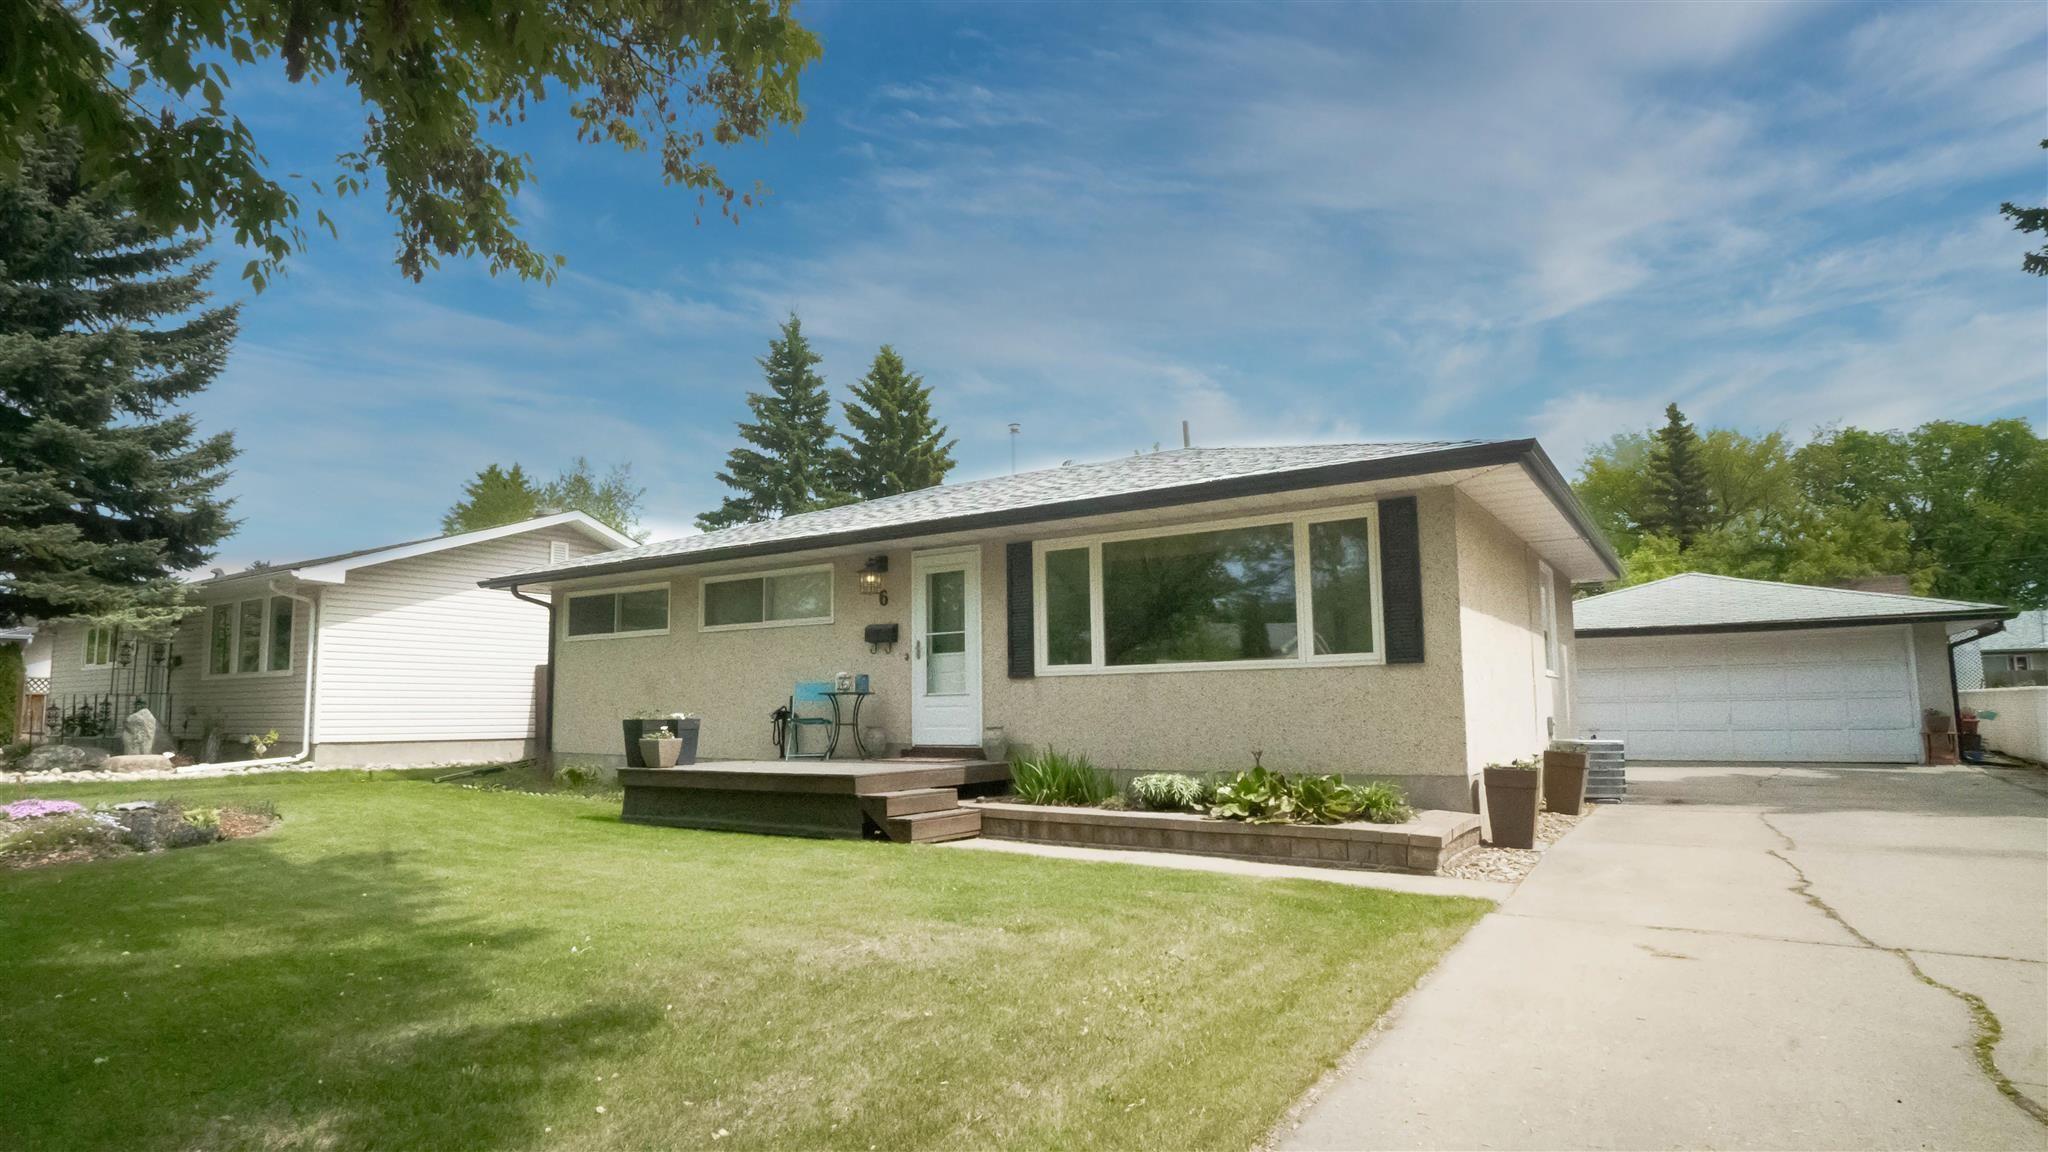 Main Photo: 6 Sunnyside Crescent: St. Albert House for sale : MLS®# E4247787